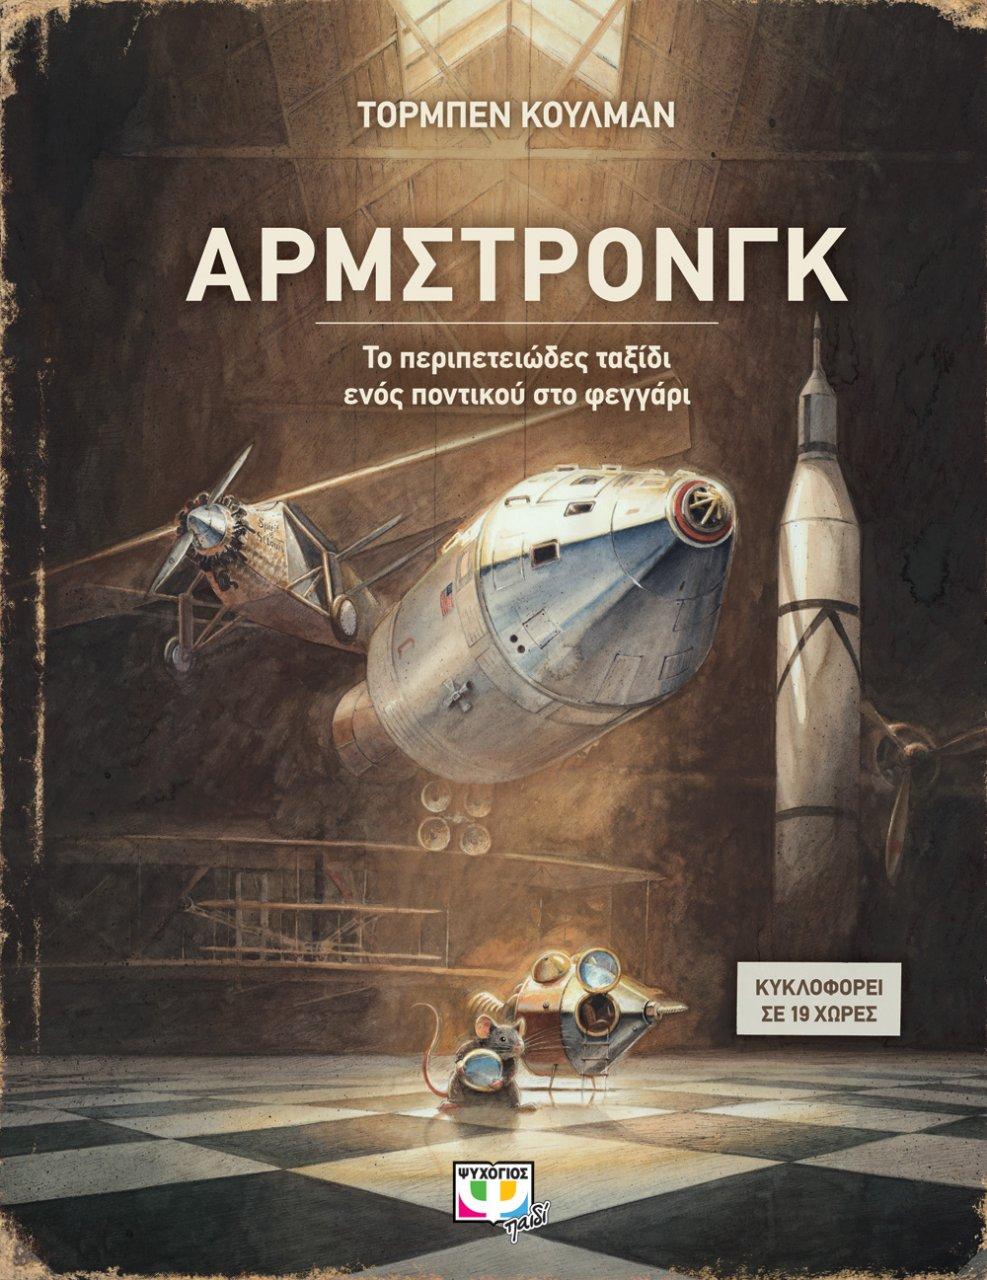 Άρμστρονγκ: Το περιπετειώδες ταξίδι ενός ποντικού στο φεγγάρι